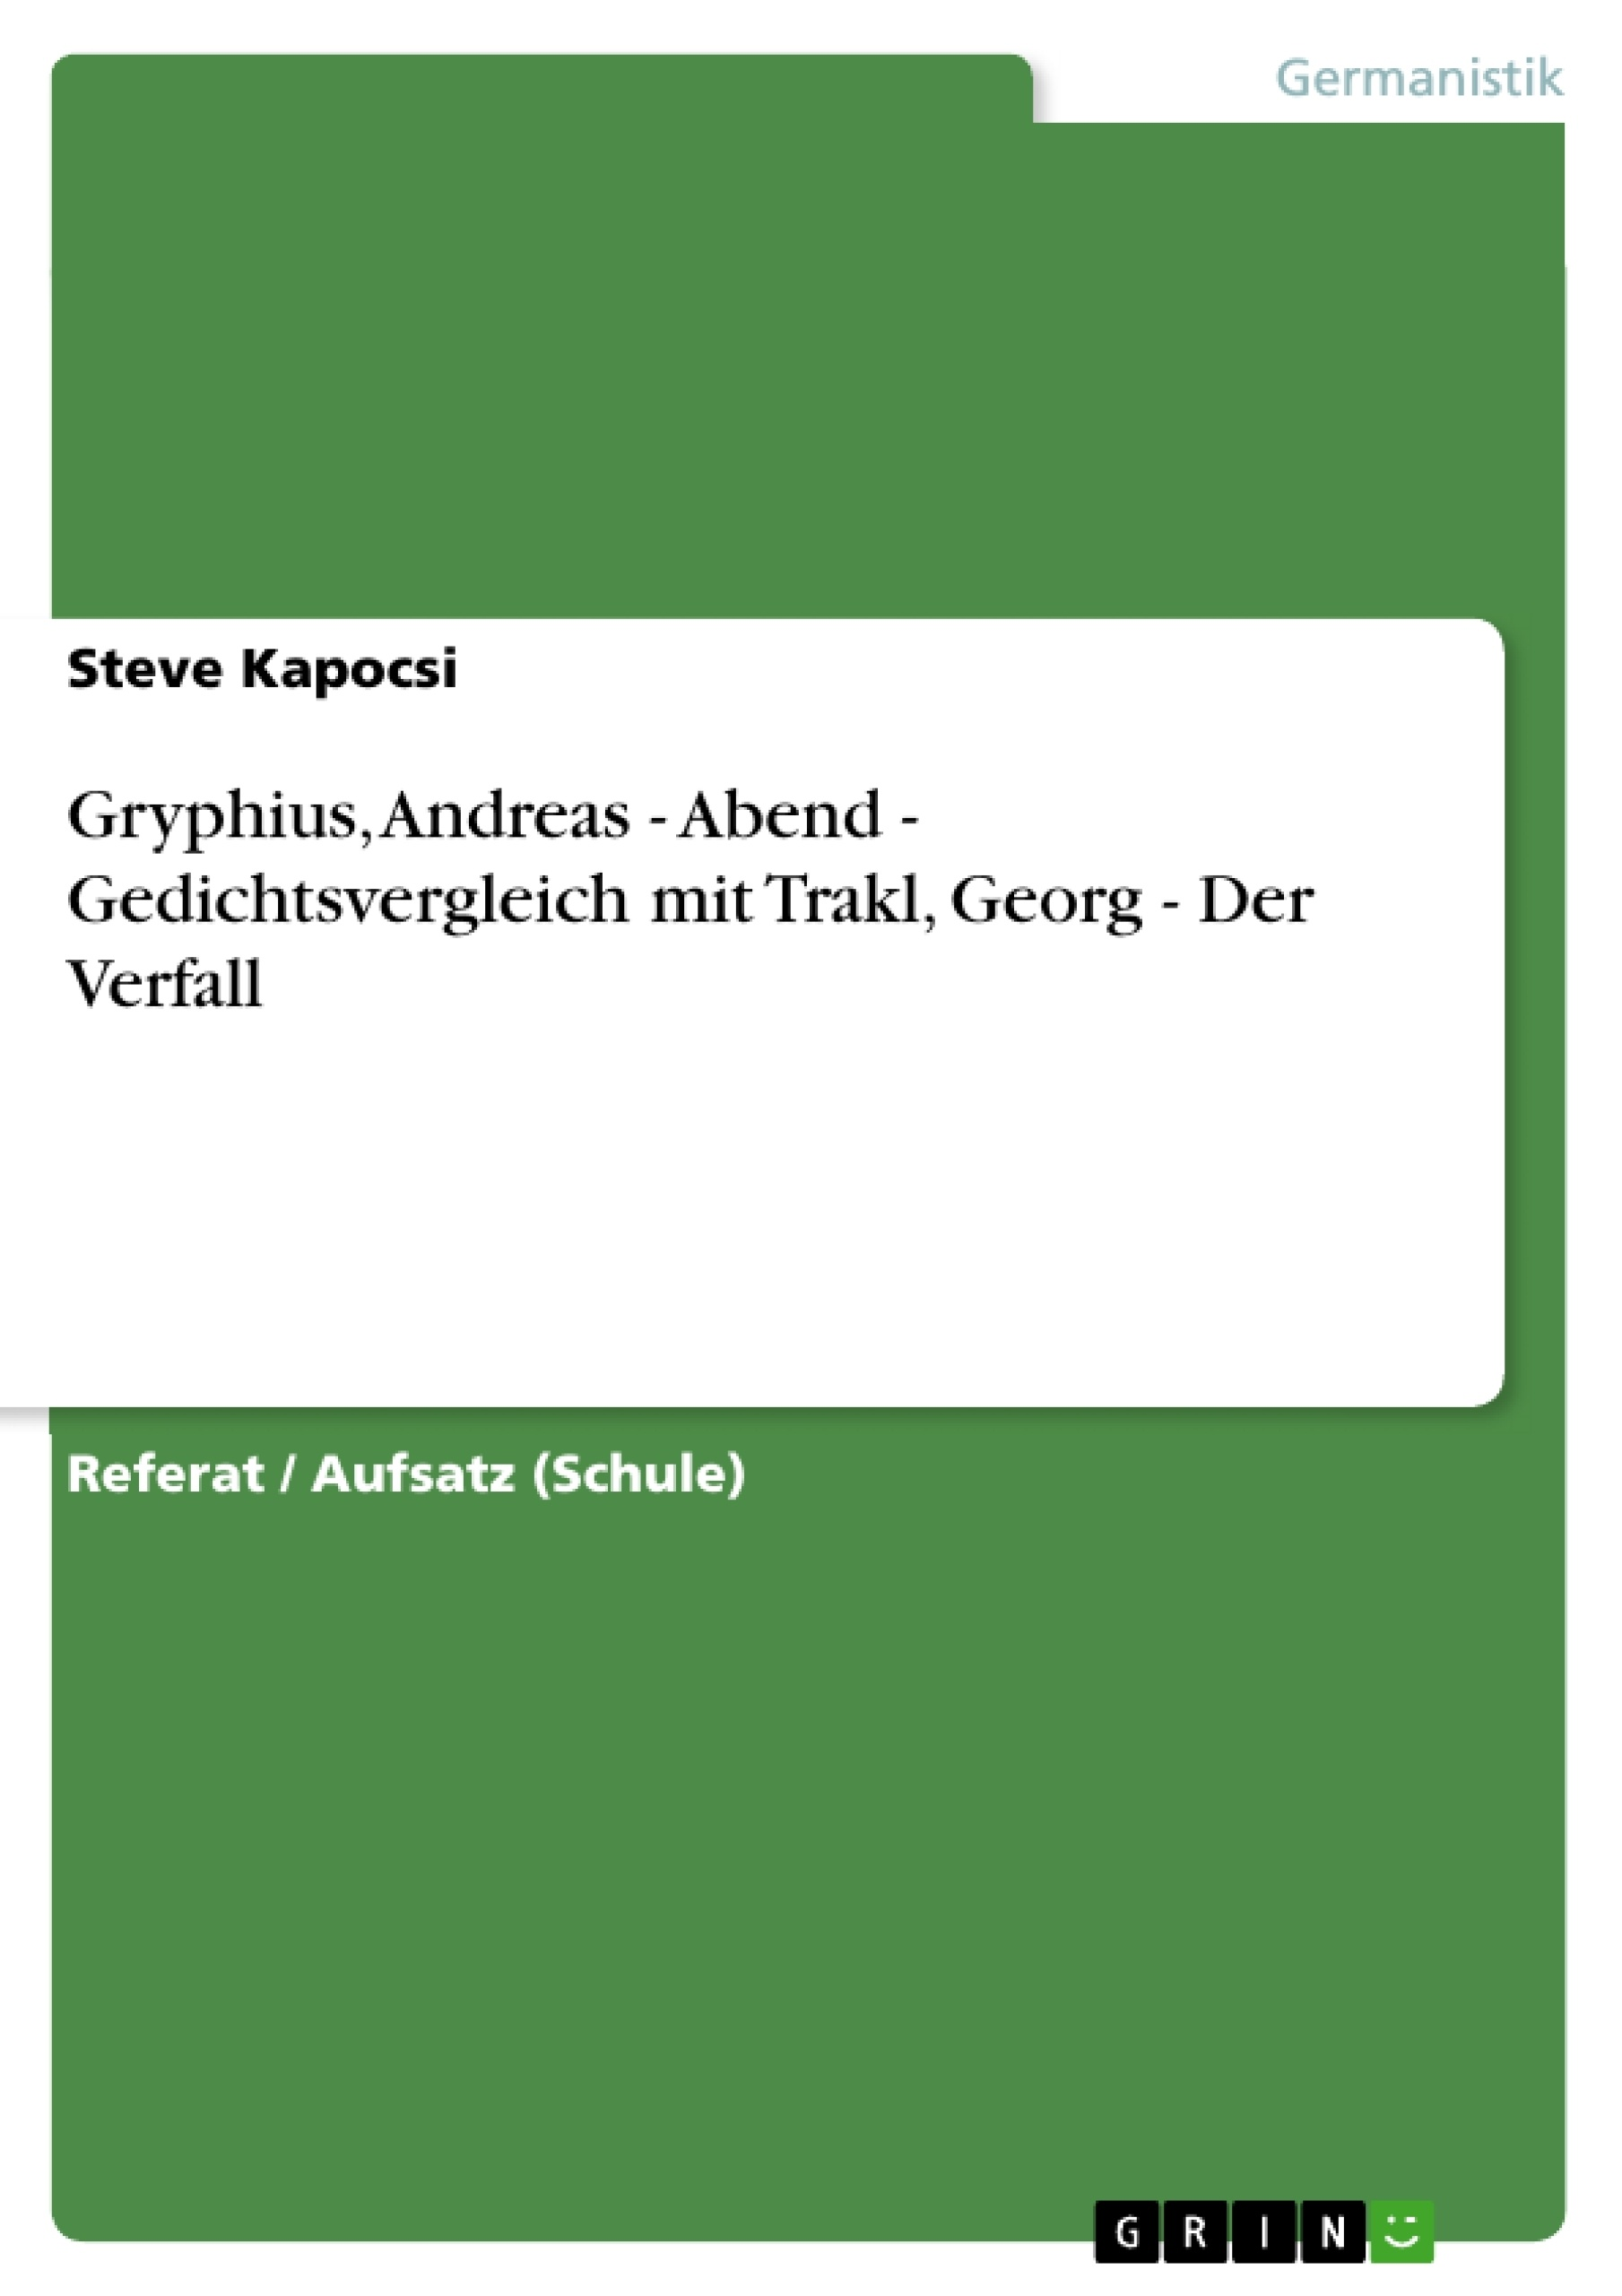 Titel: Gryphius, Andreas - Abend - Gedichtsvergleich mit Trakl, Georg - Der Verfall